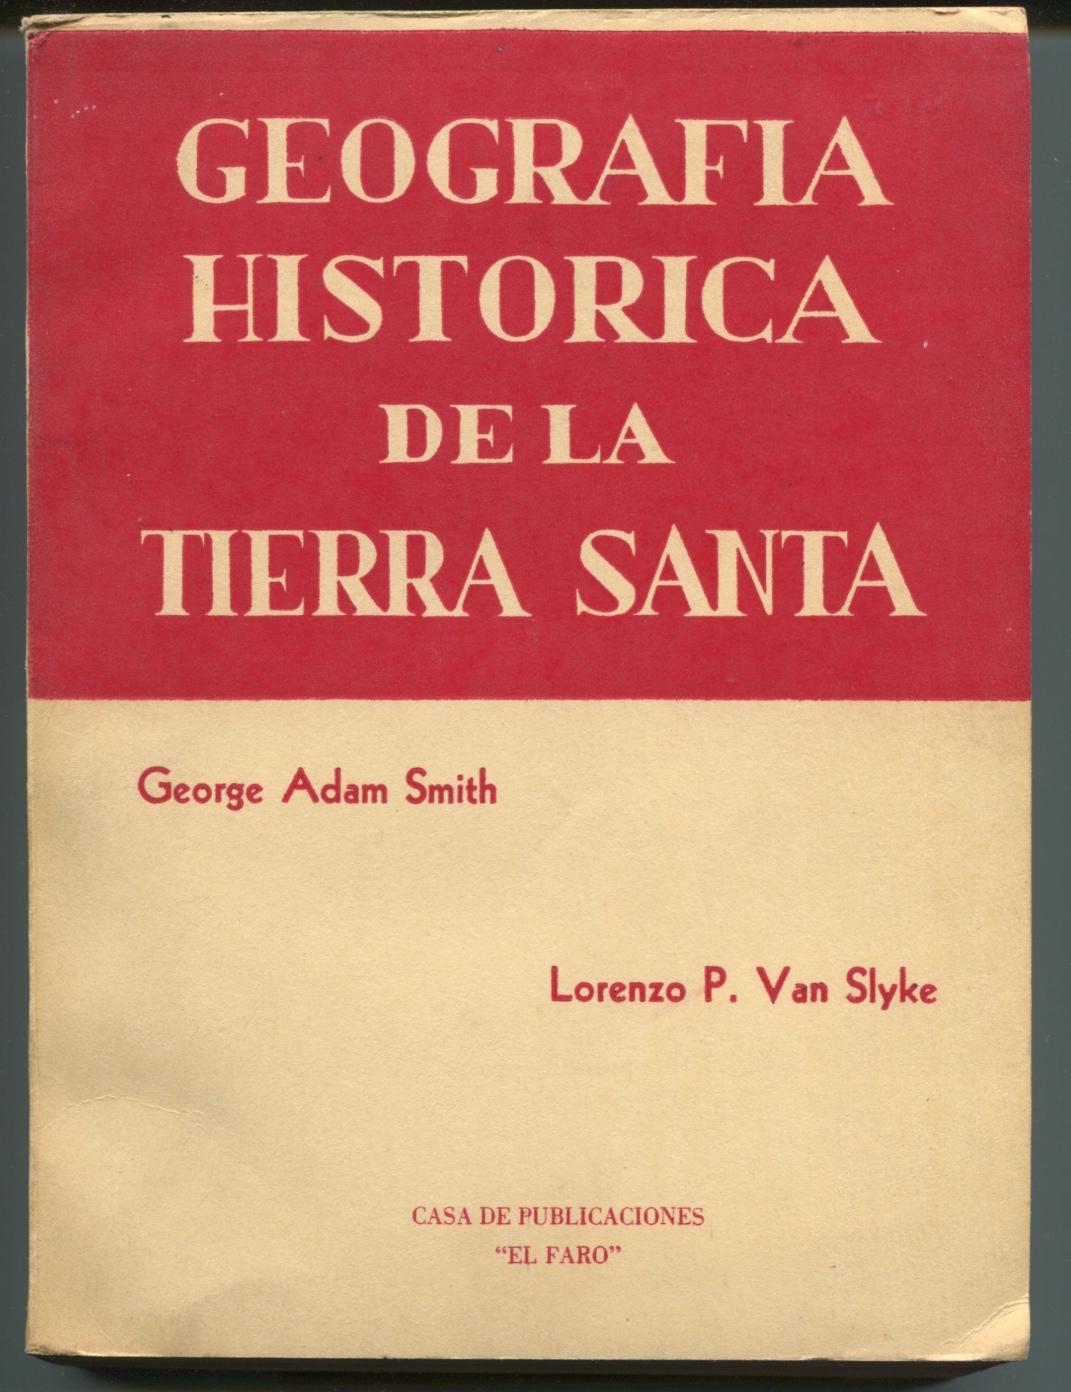 Geografia Historica De La Tierra Santa. (Translated  and inscribed by Rev. Lorenzo Van Slyke.)